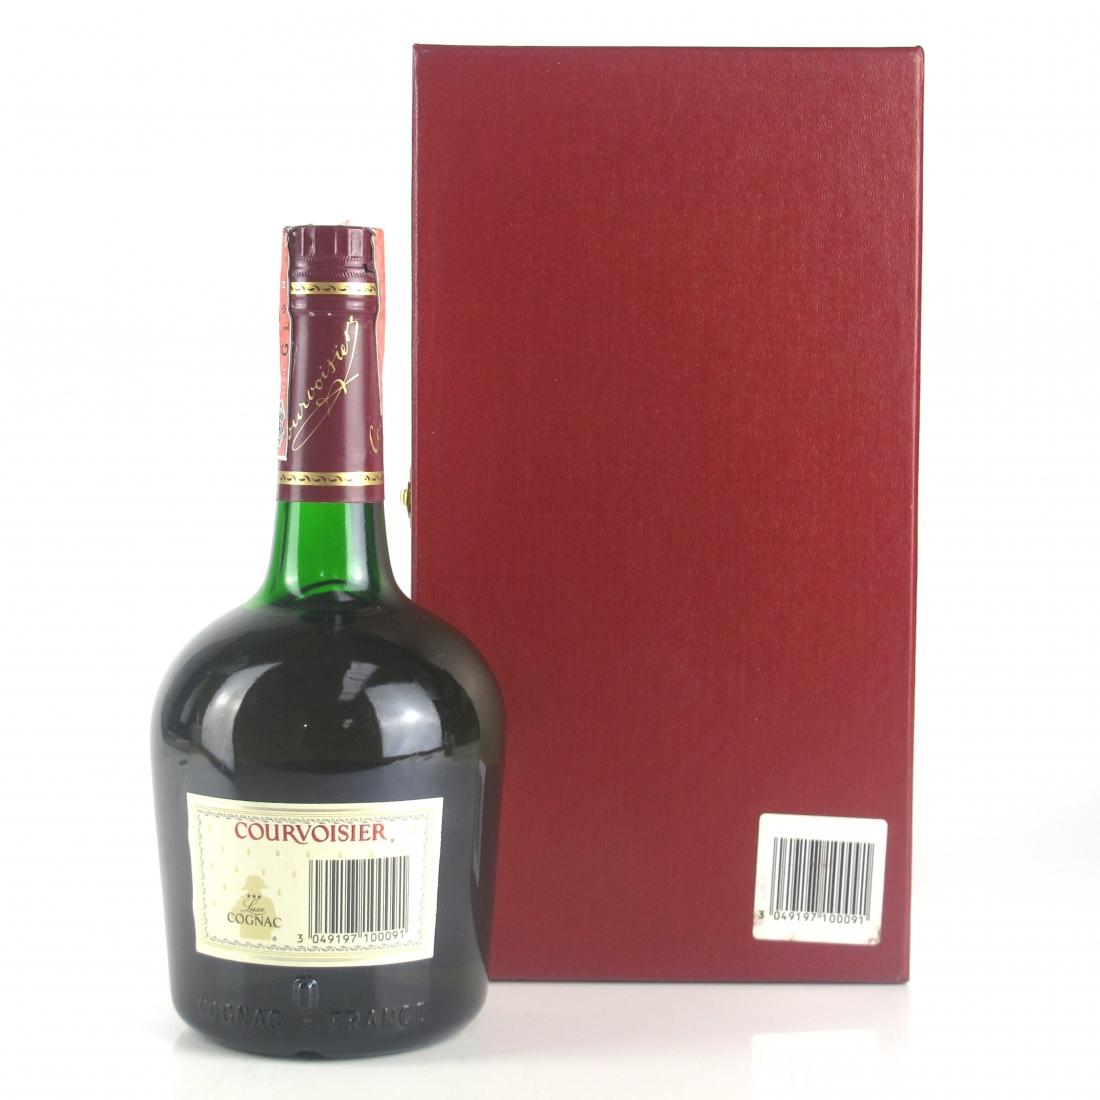 Courvoisier 3 Star Cognac